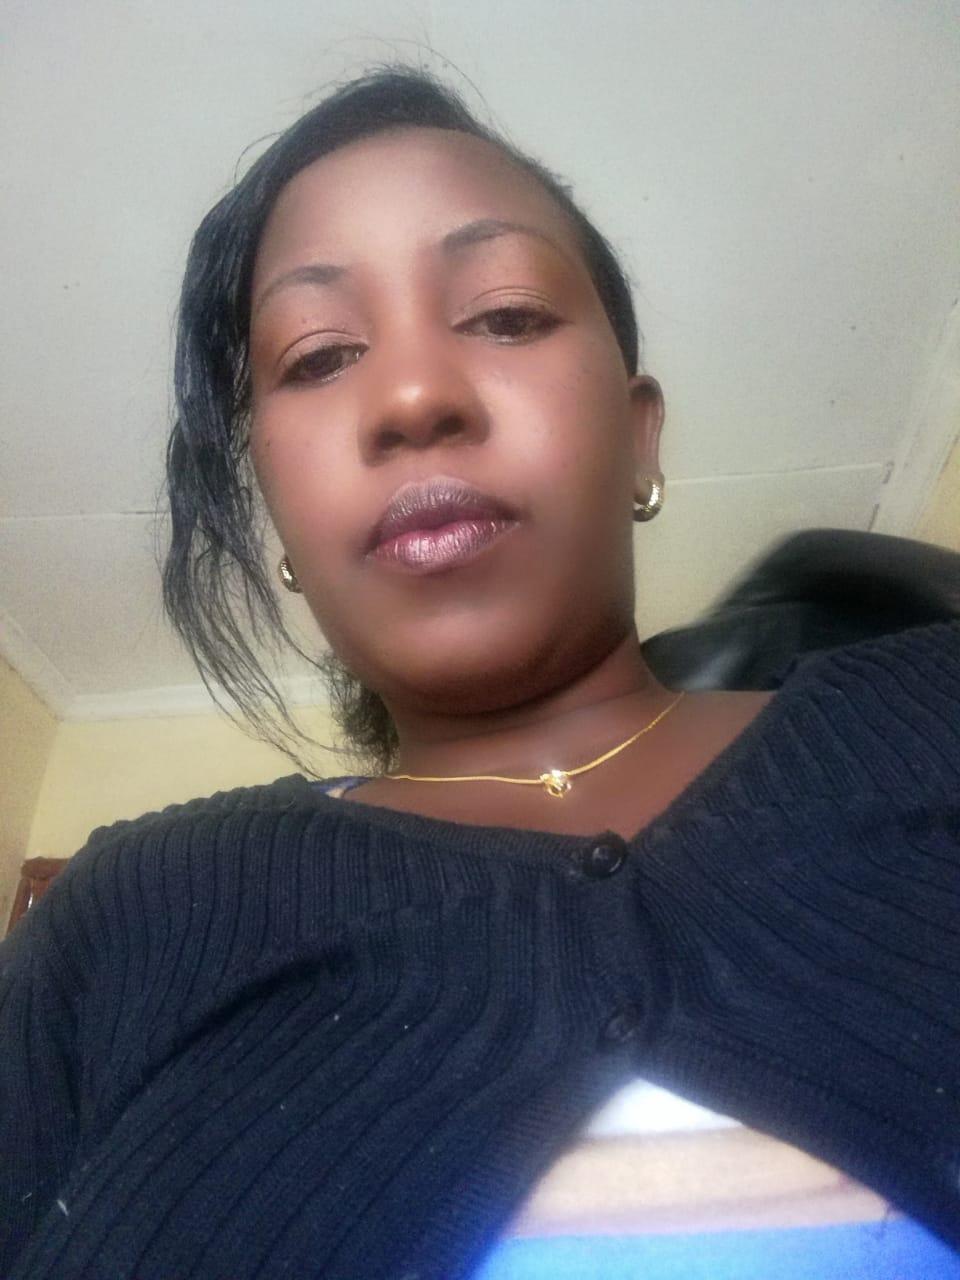 Rahab waithira mburu_IM_2020040905344693.jpg